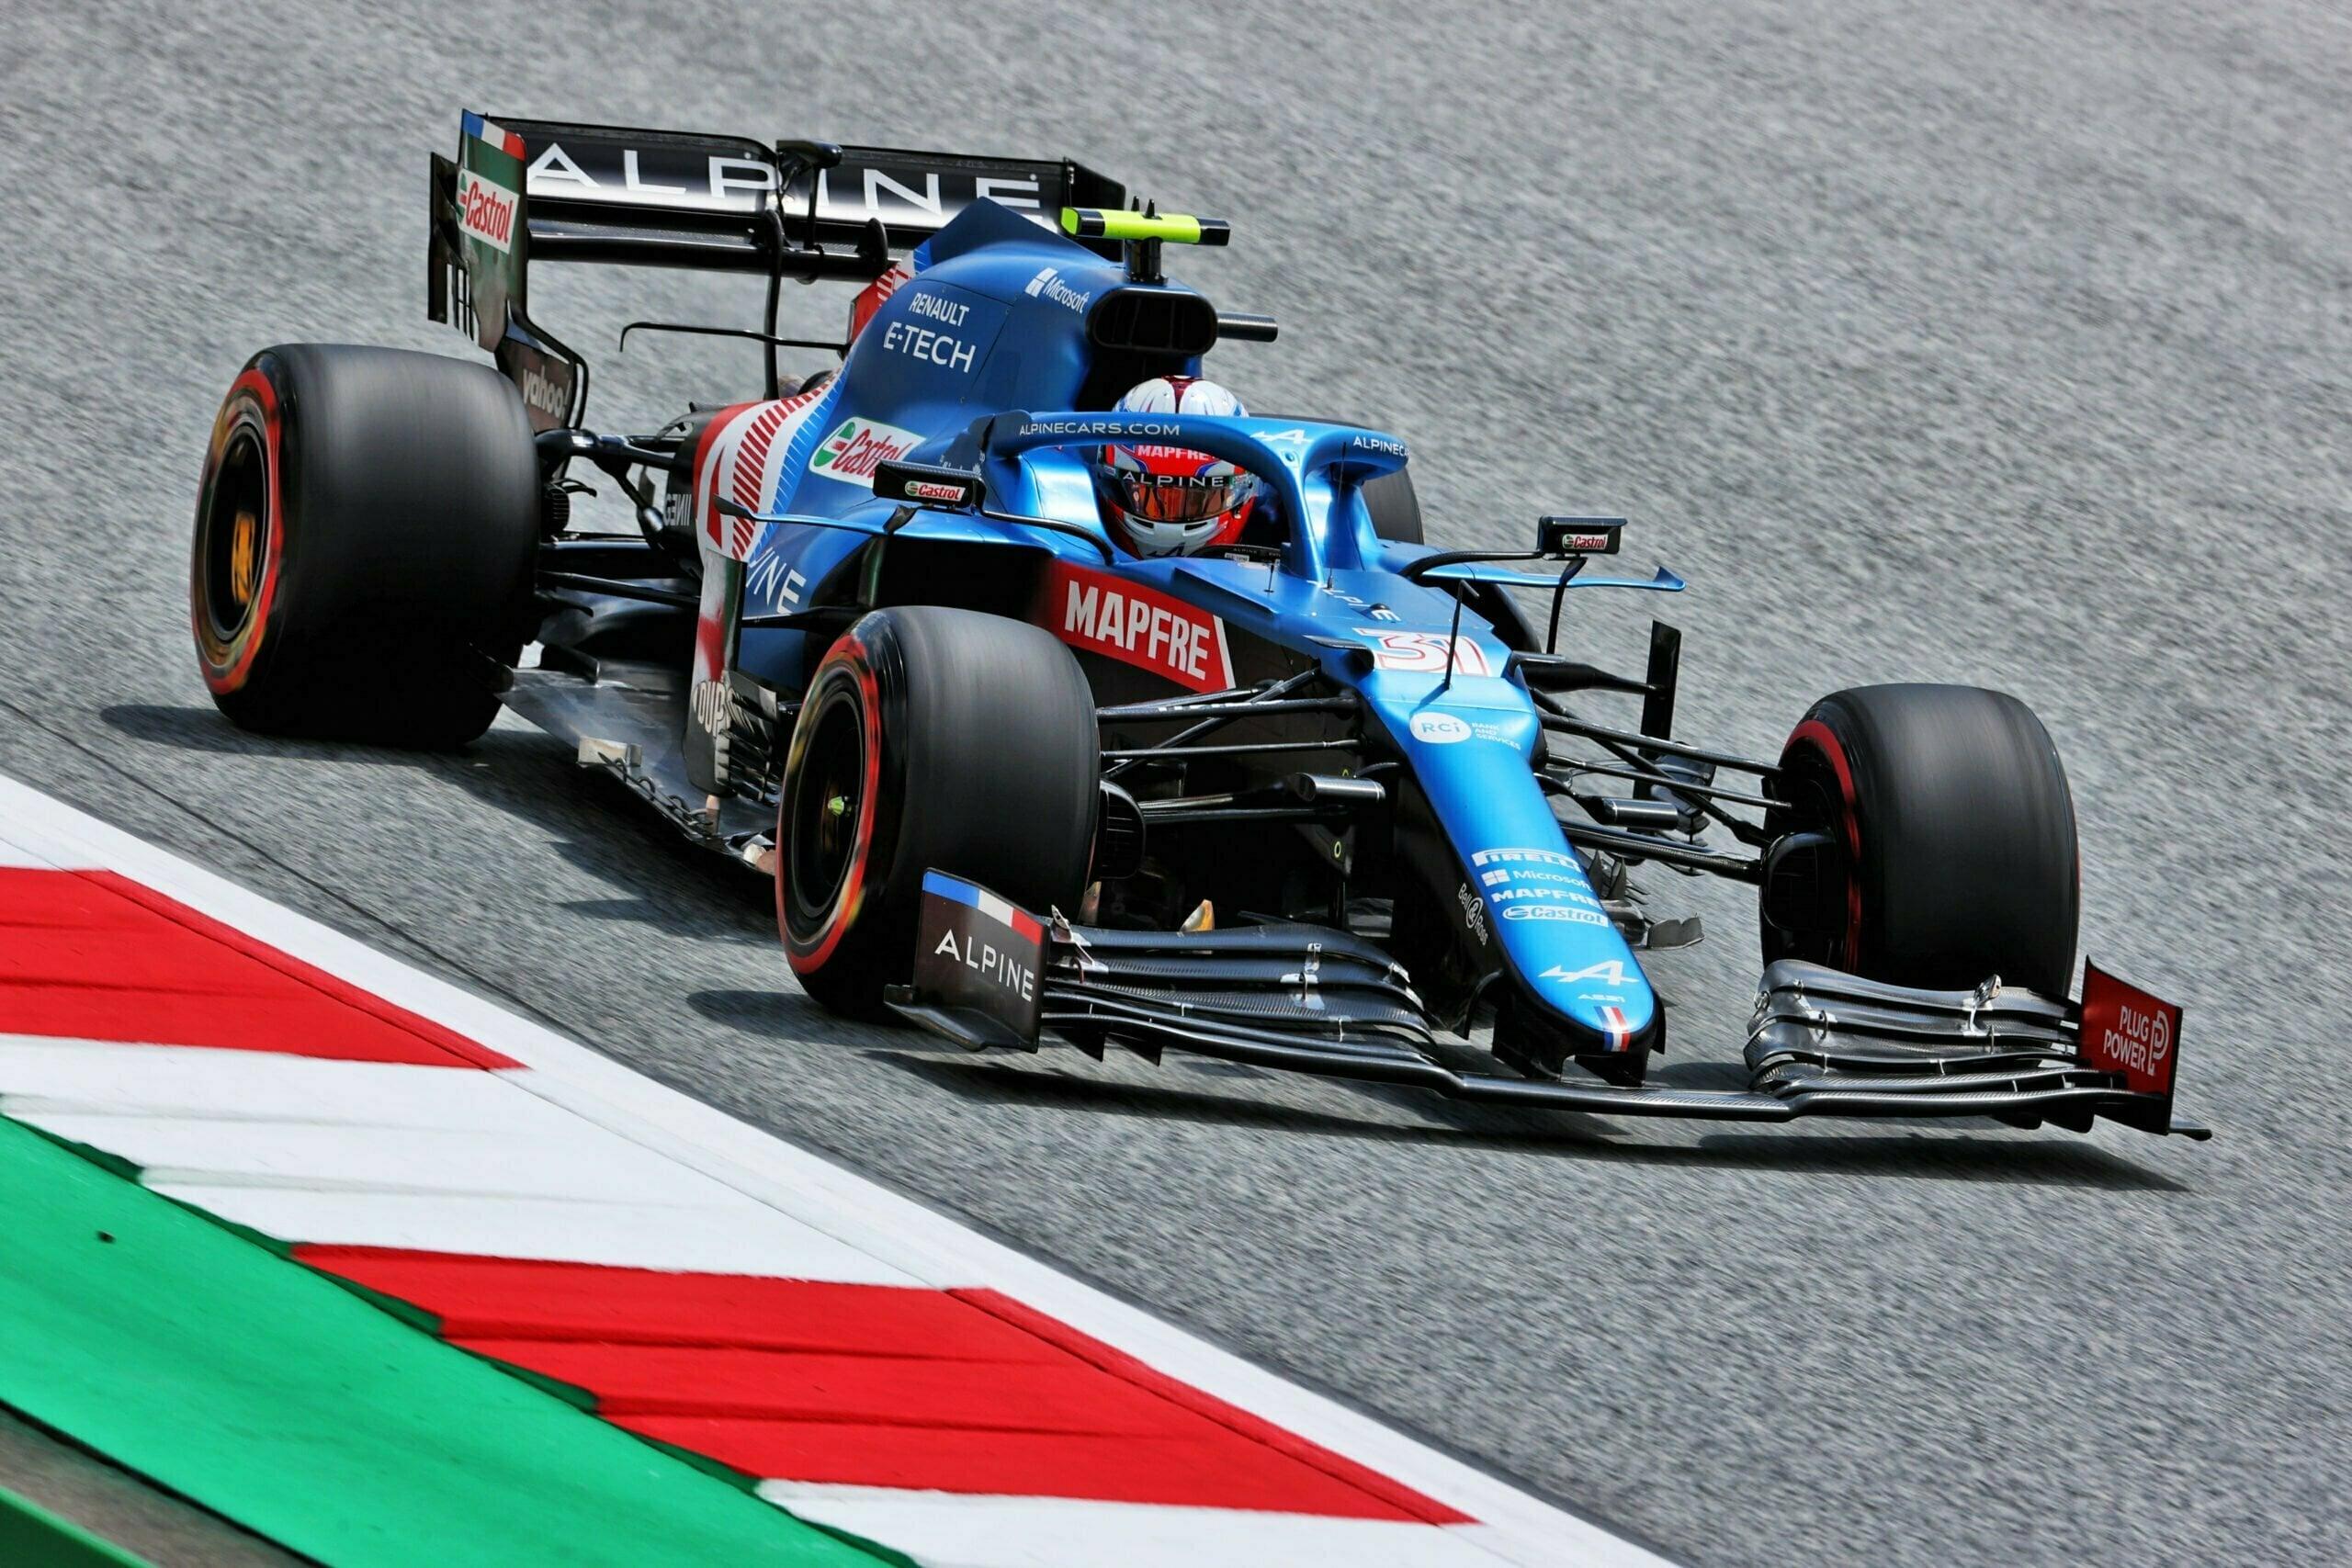 Alpine F1 Team Alonso Ocon Autriche Steiermark Grand Prix Spielberg A521 2021 20 scaled   Alpine F1 : Alonso réitère la Q3 et Ocon trébuche en Q1 à Spielberg